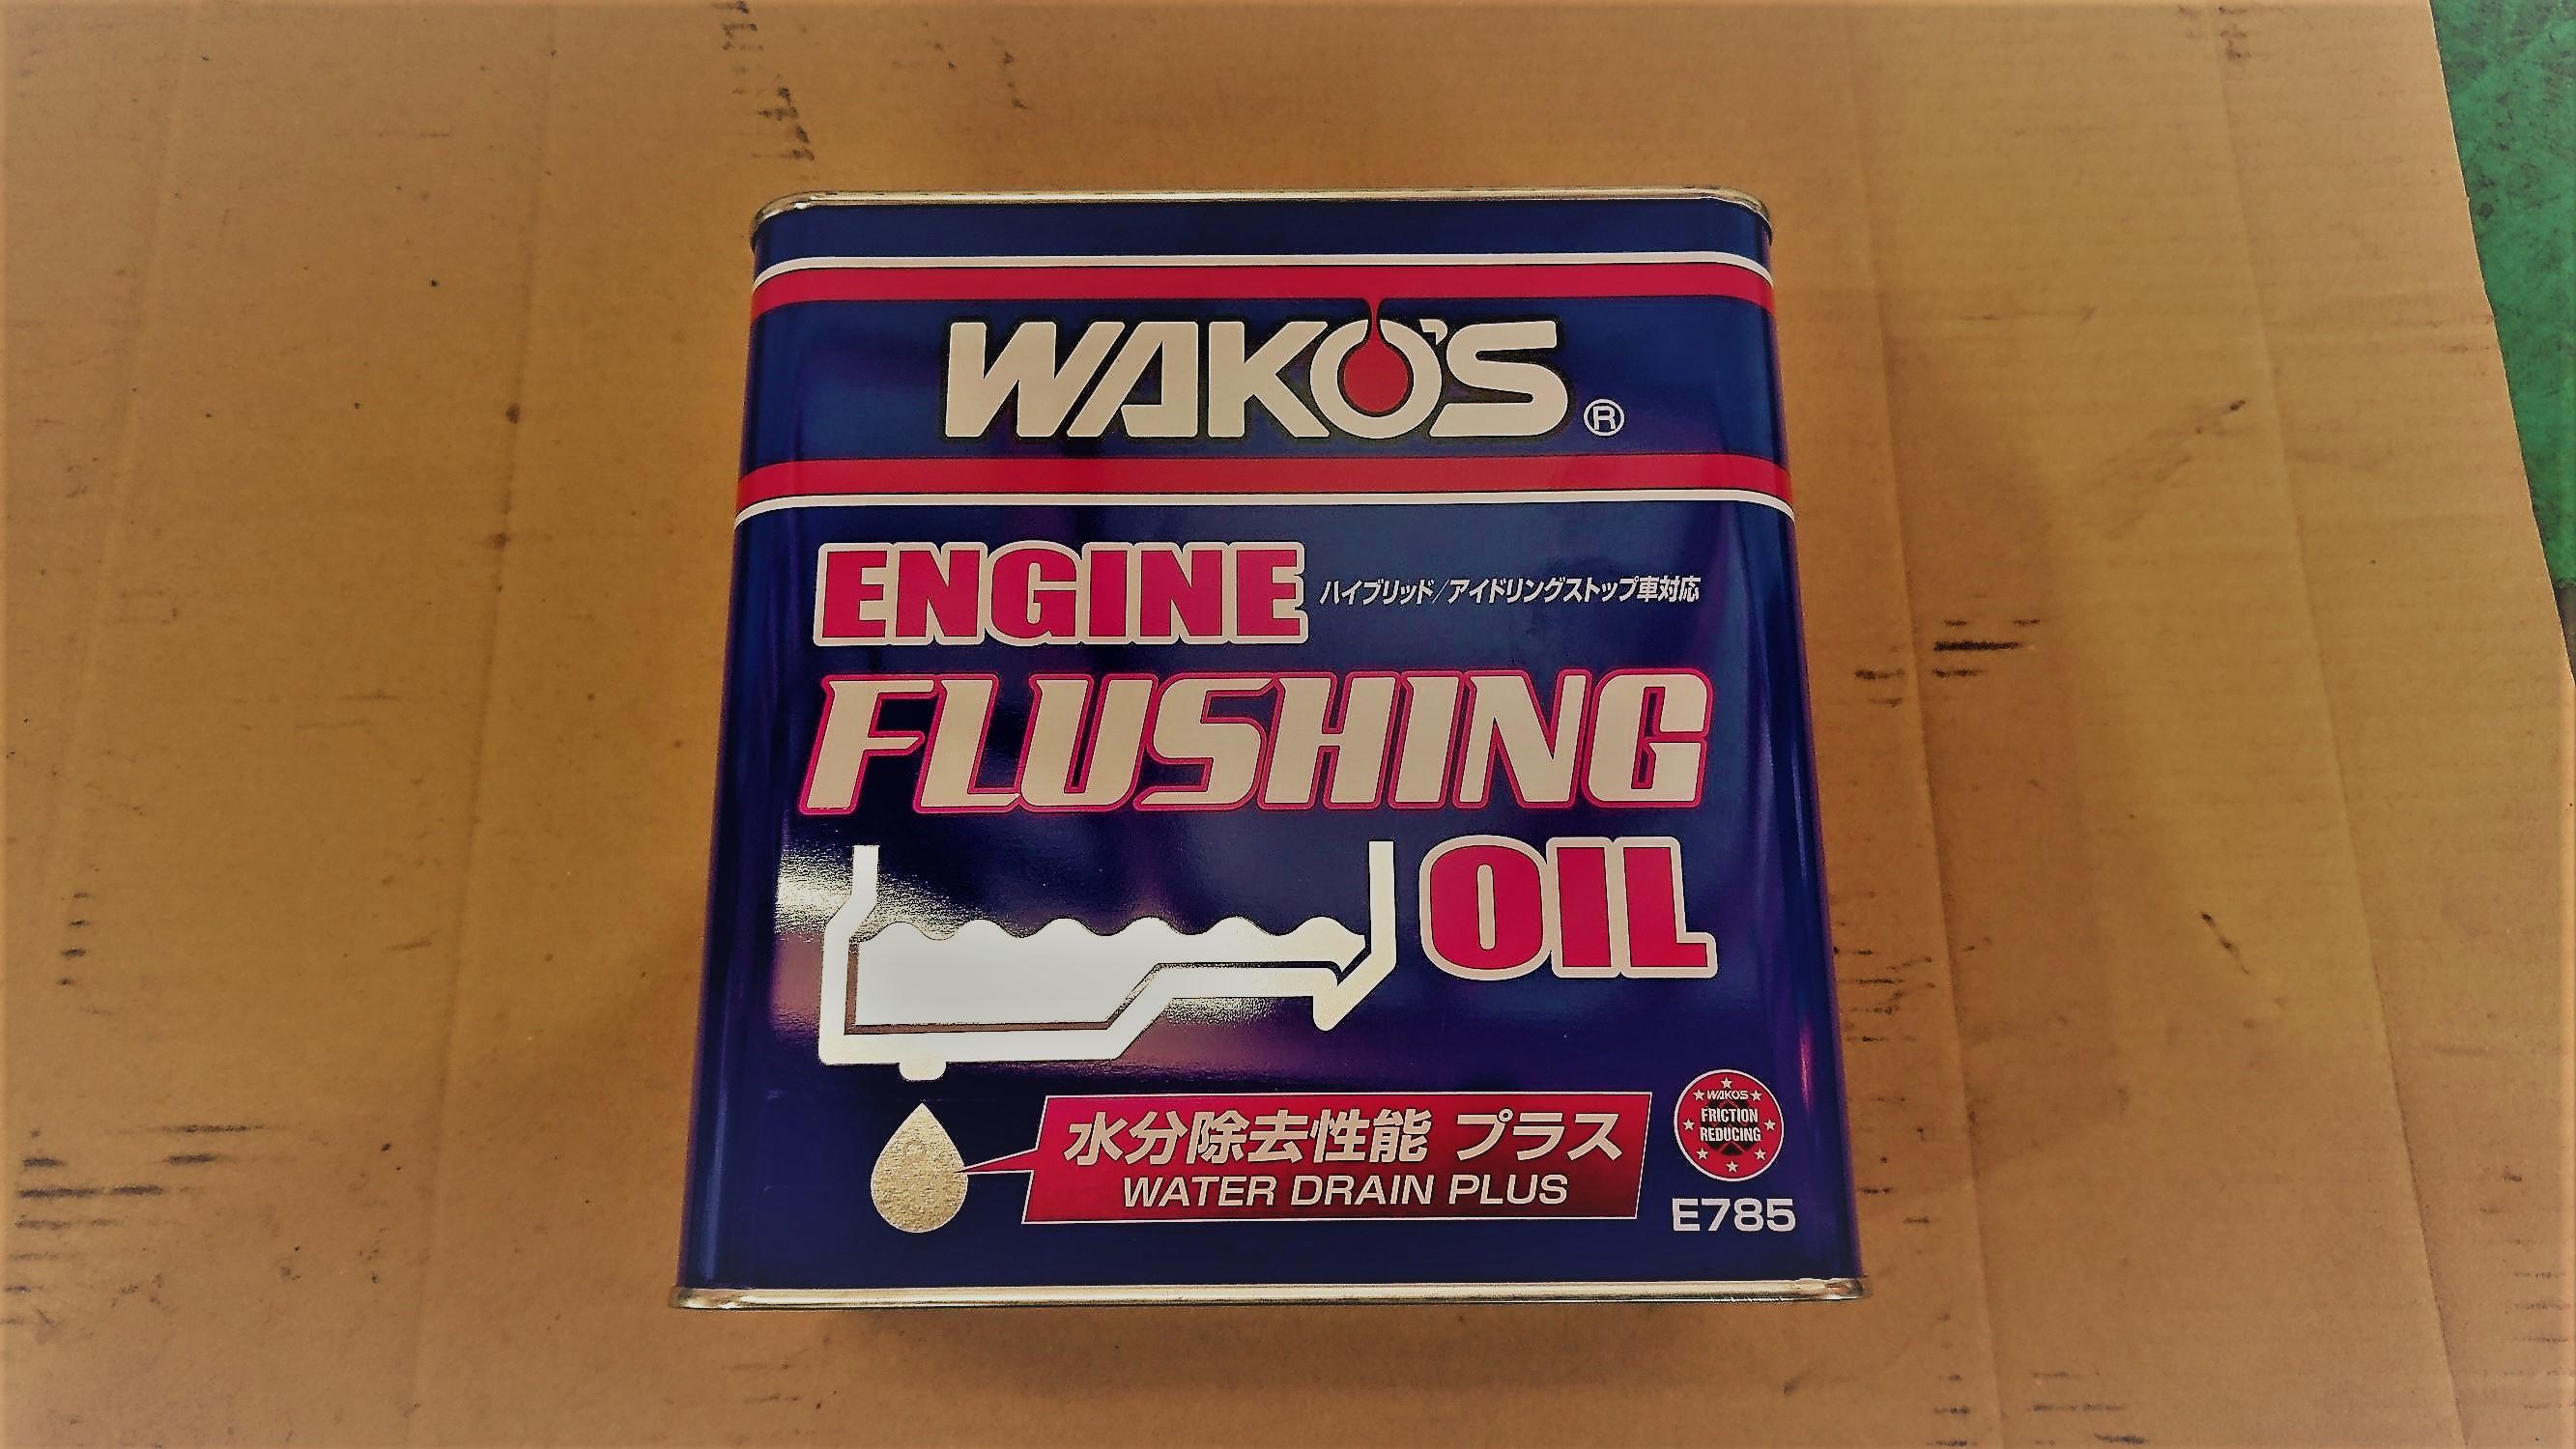 フラッシング剤とは?エンジン内部をクリーンにする?種類とおすすめを紹介!